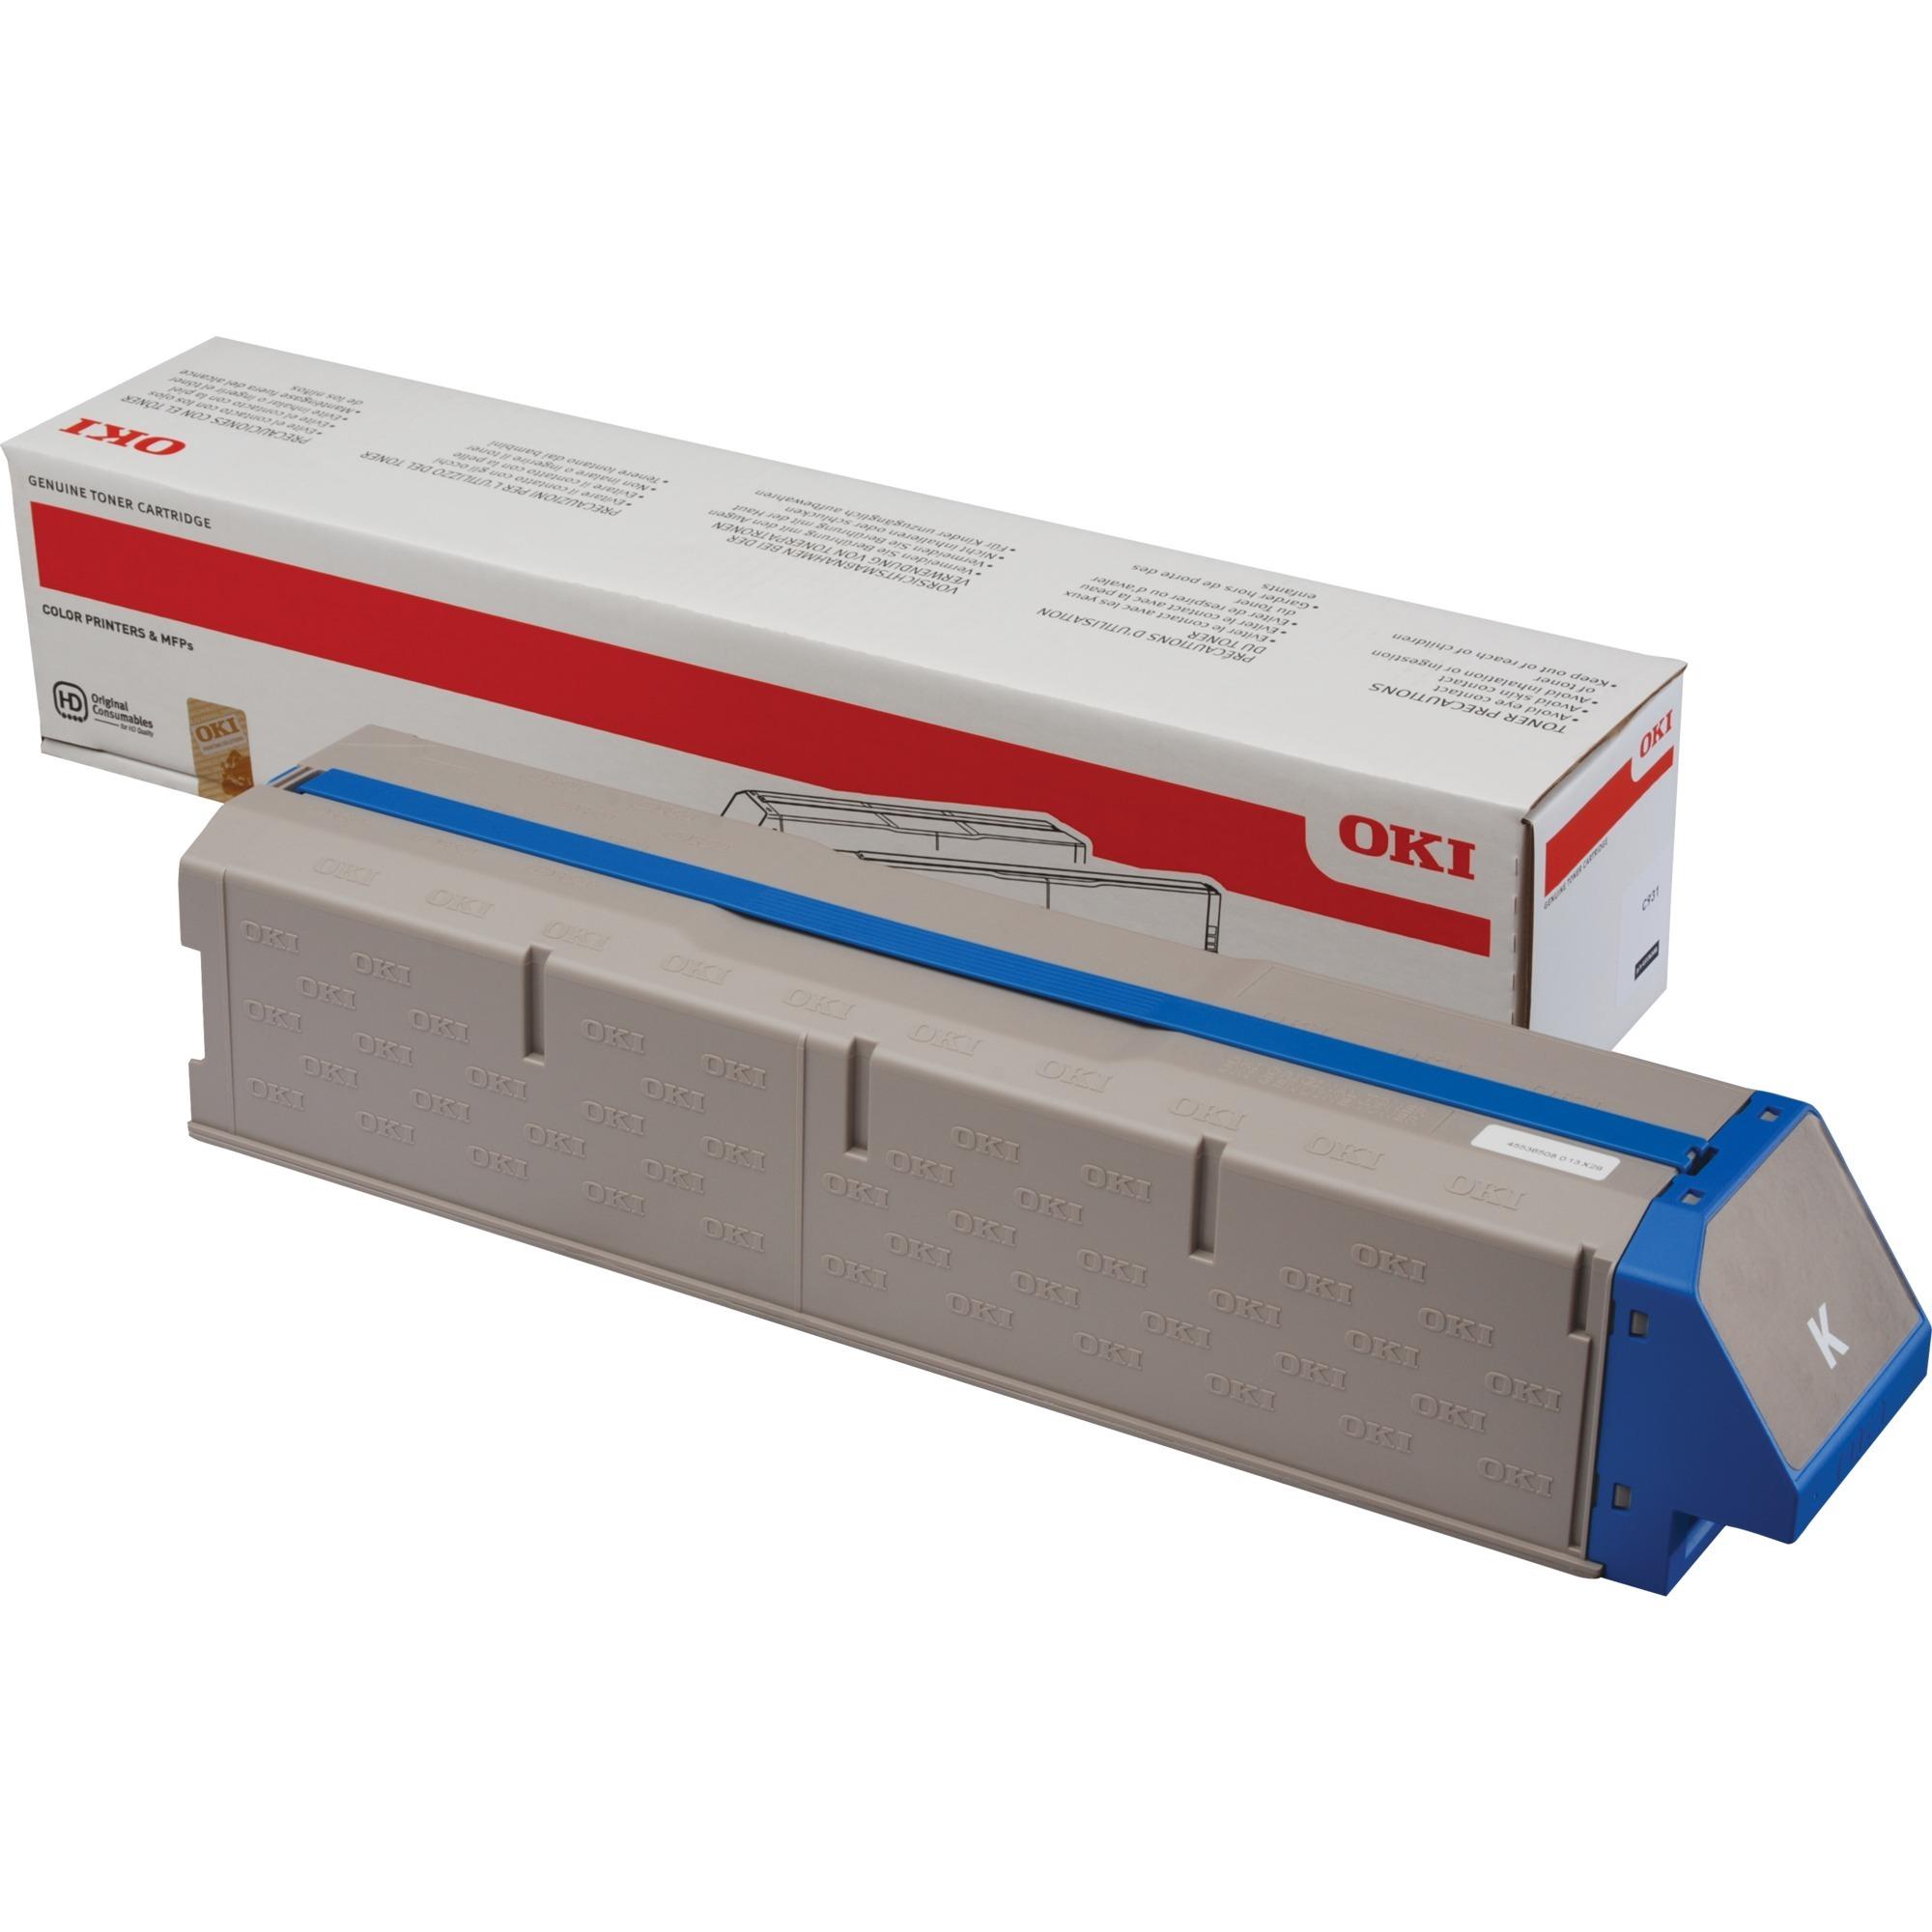 45536508 Cartouche laser 38000pages Noir cartouche toner et laser